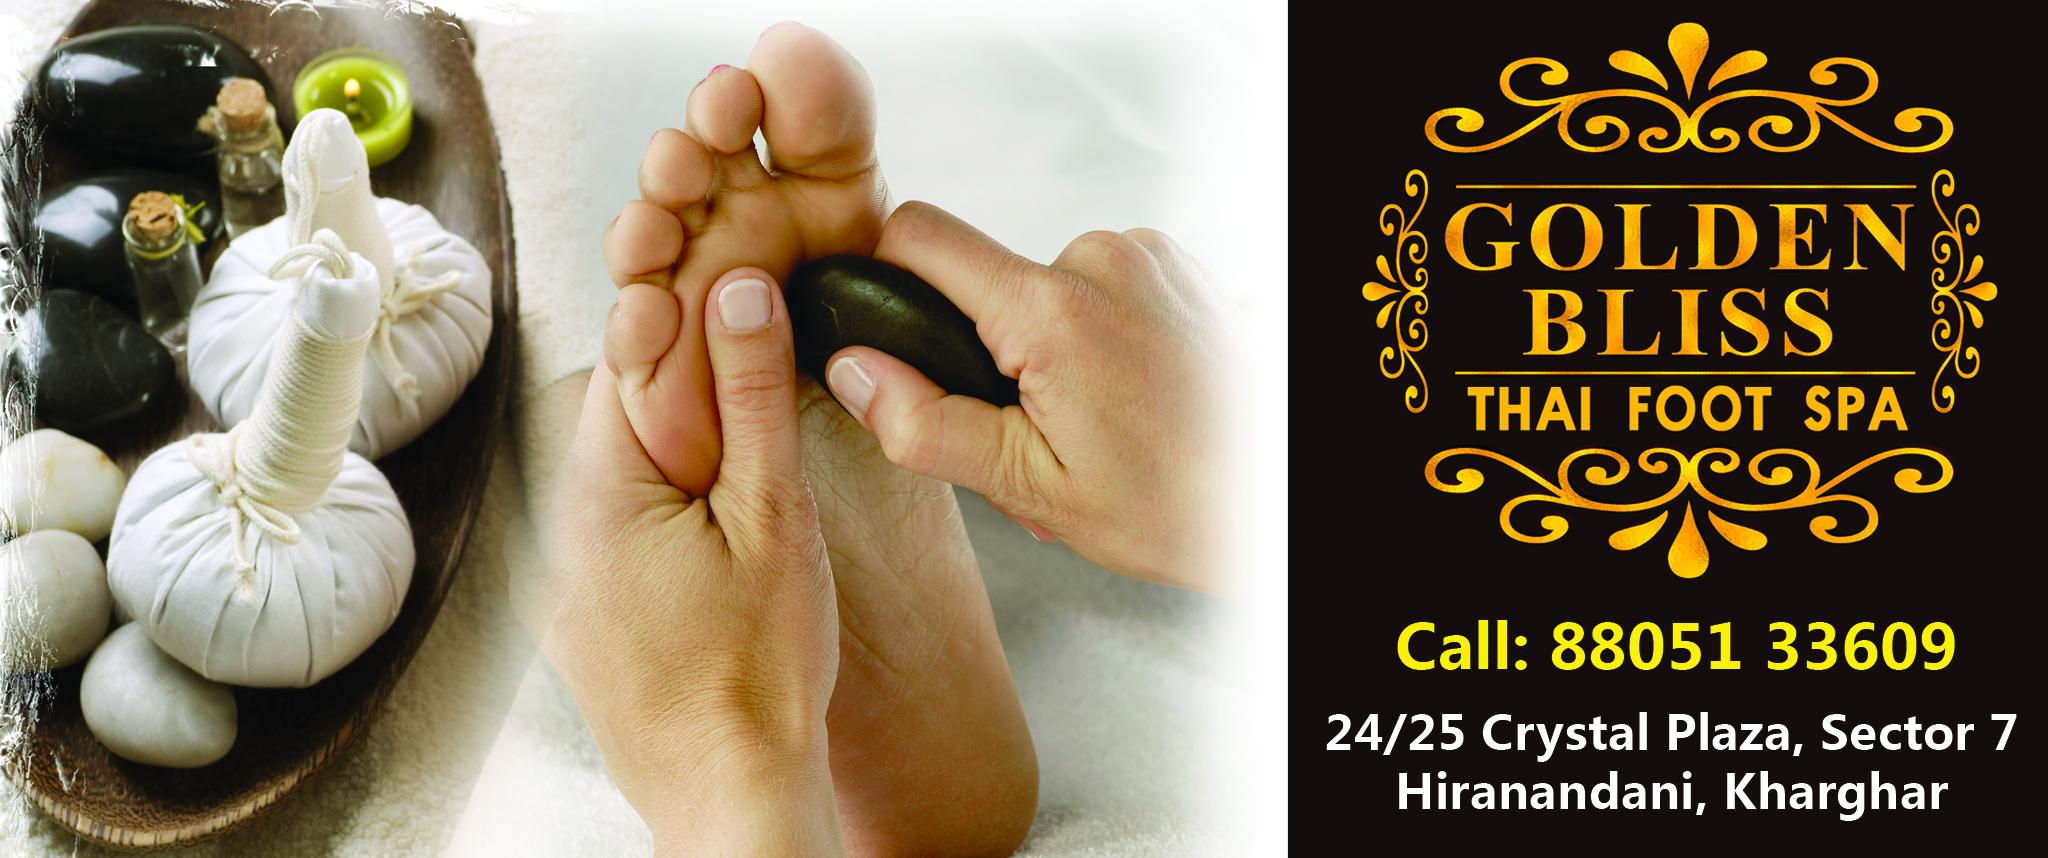 Golden Bliss Foot Spa